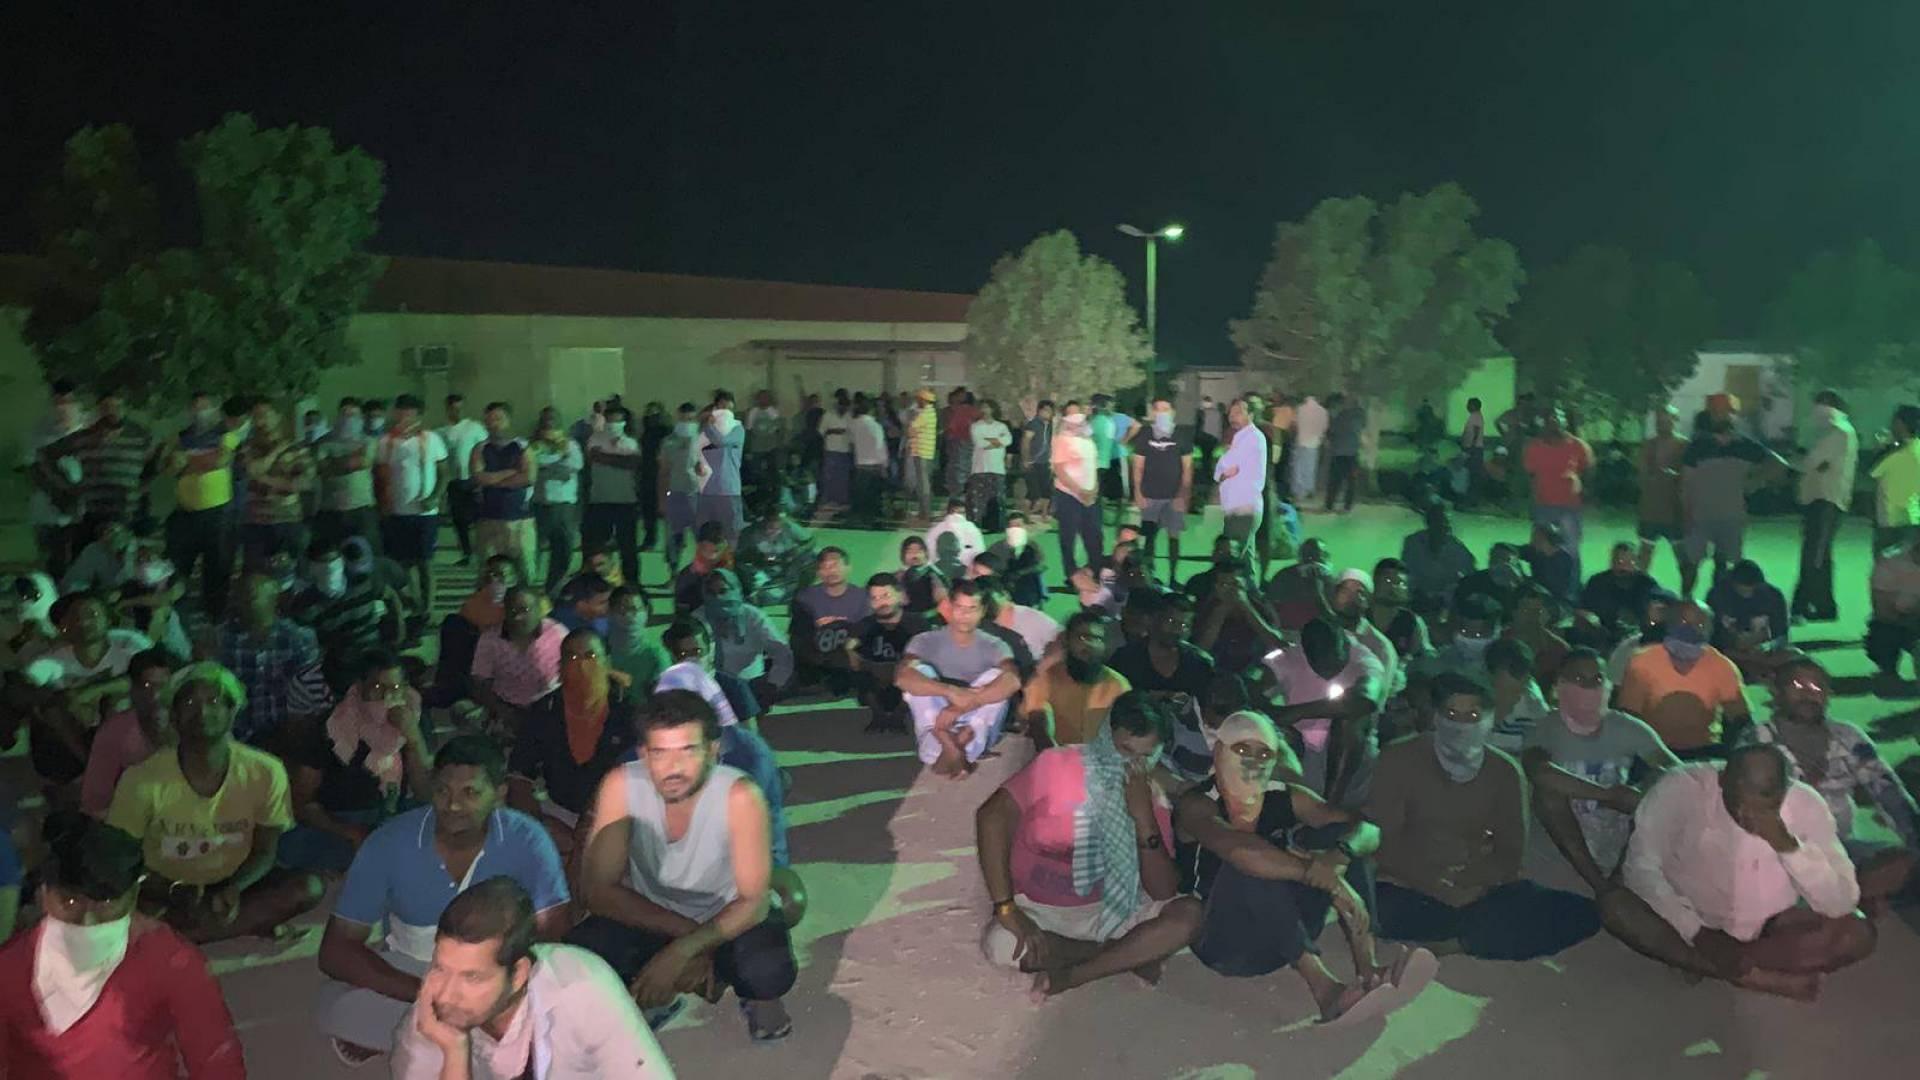 إضراب عمالي في العبدلي لتأخر الرواتب 4 أشهر